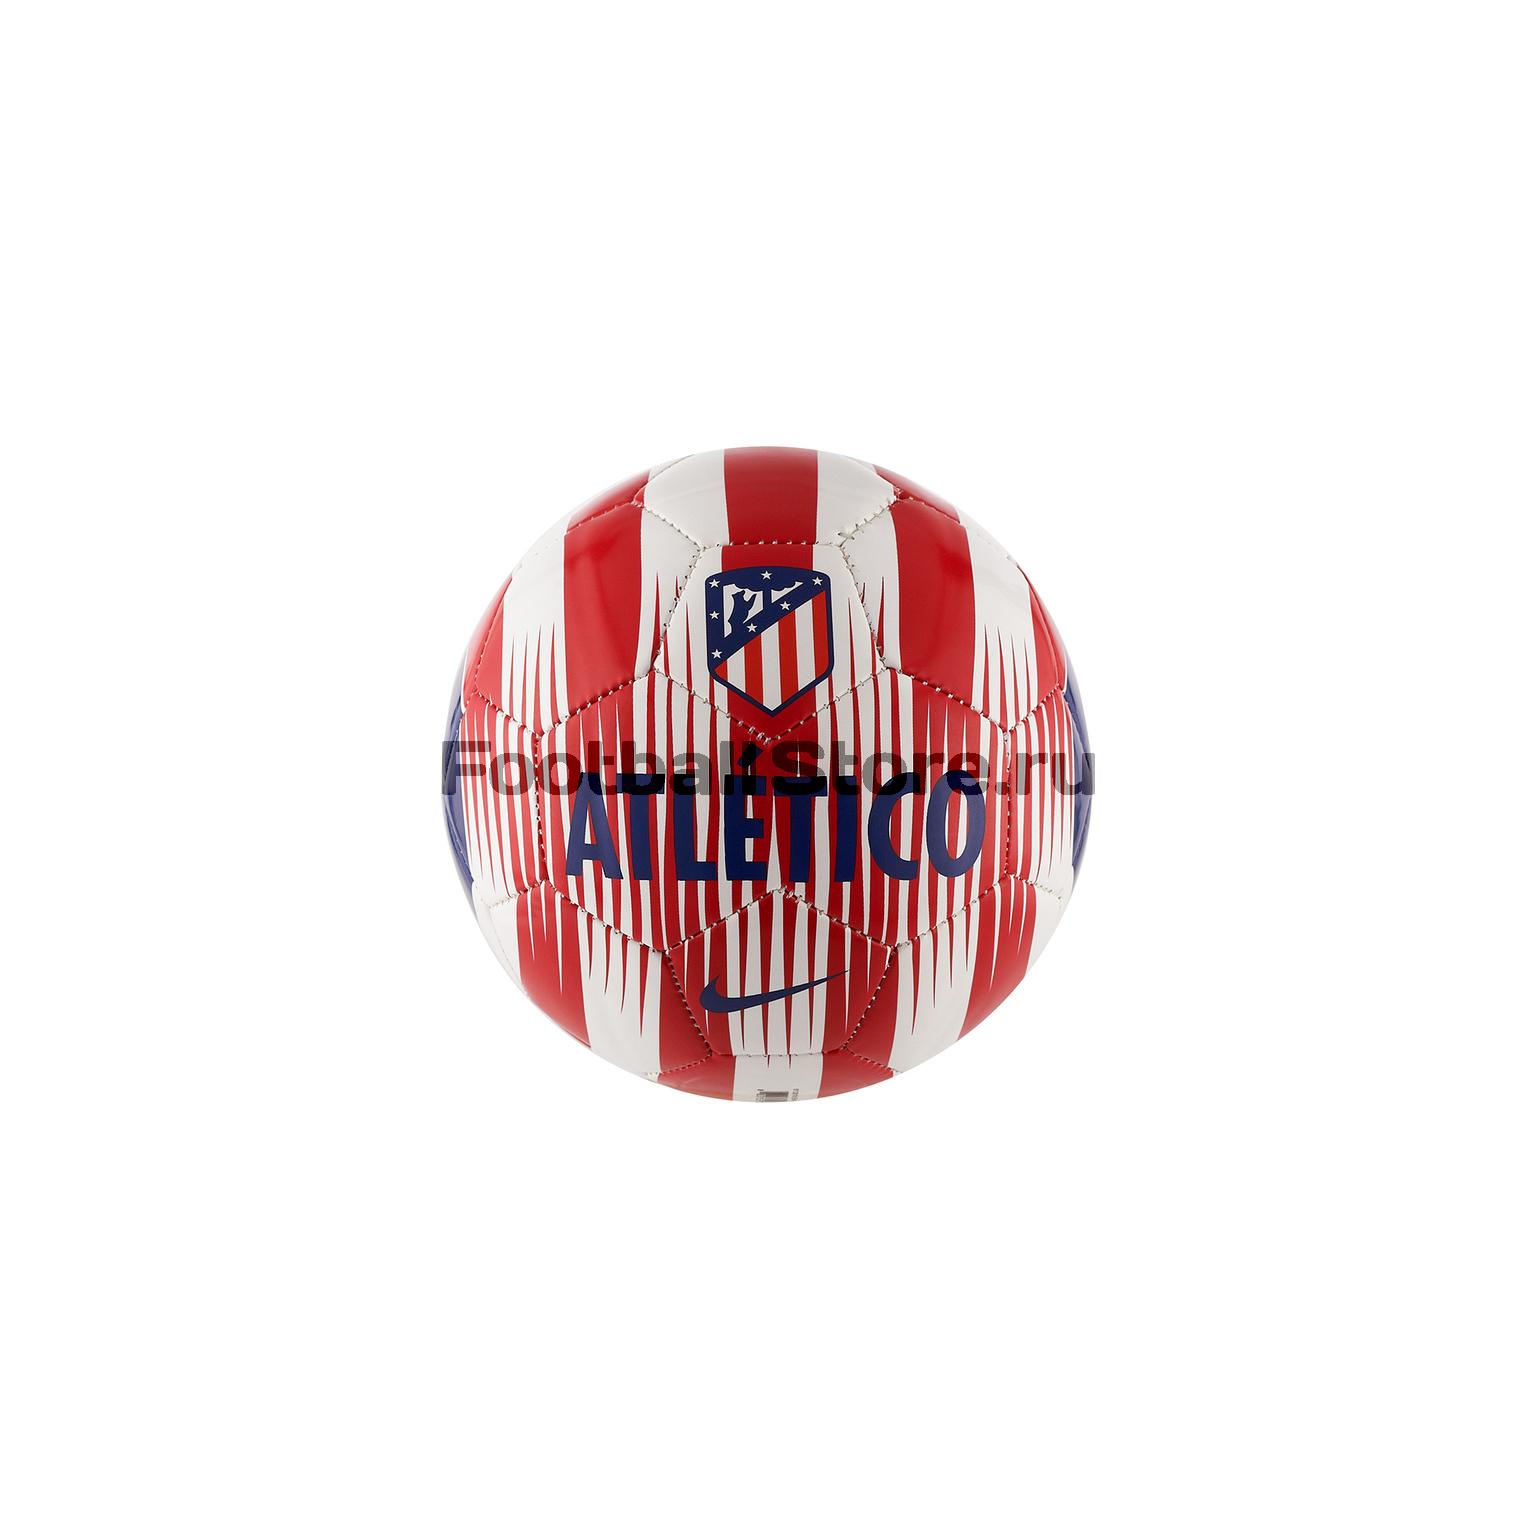 все цены на Мяч сувенирный Atletico Madrid 2018/19